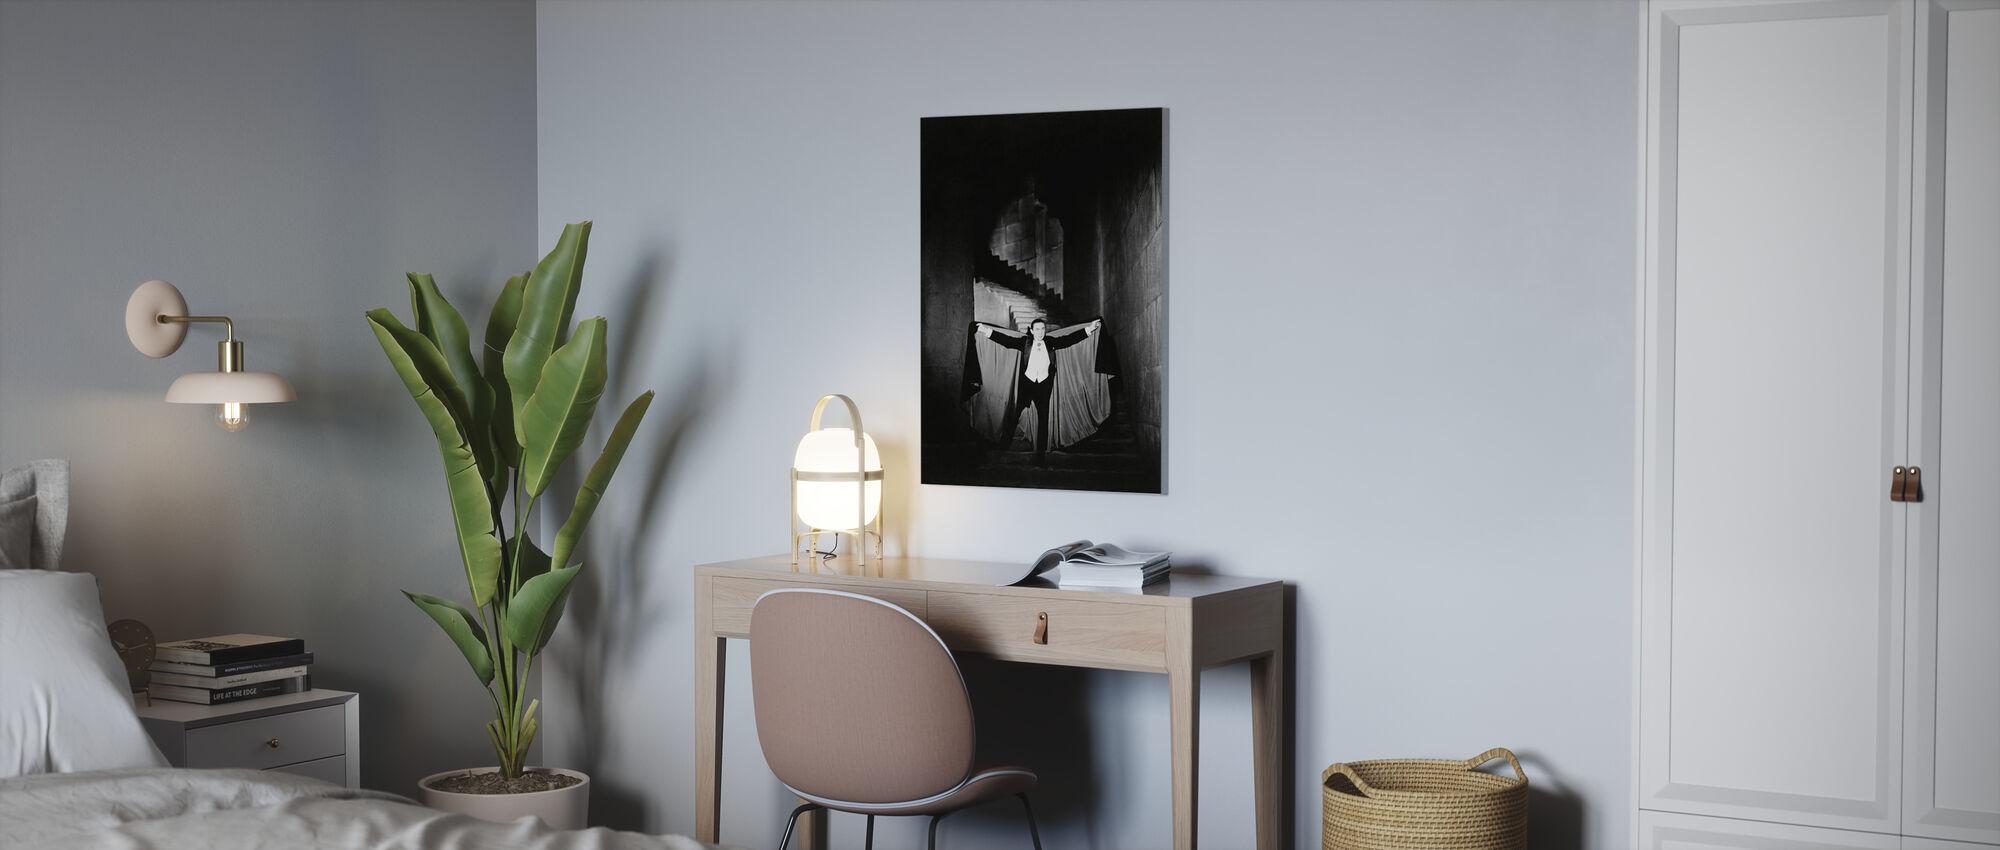 Bela Lugosi Dracula - Canvastaulu - Toimisto